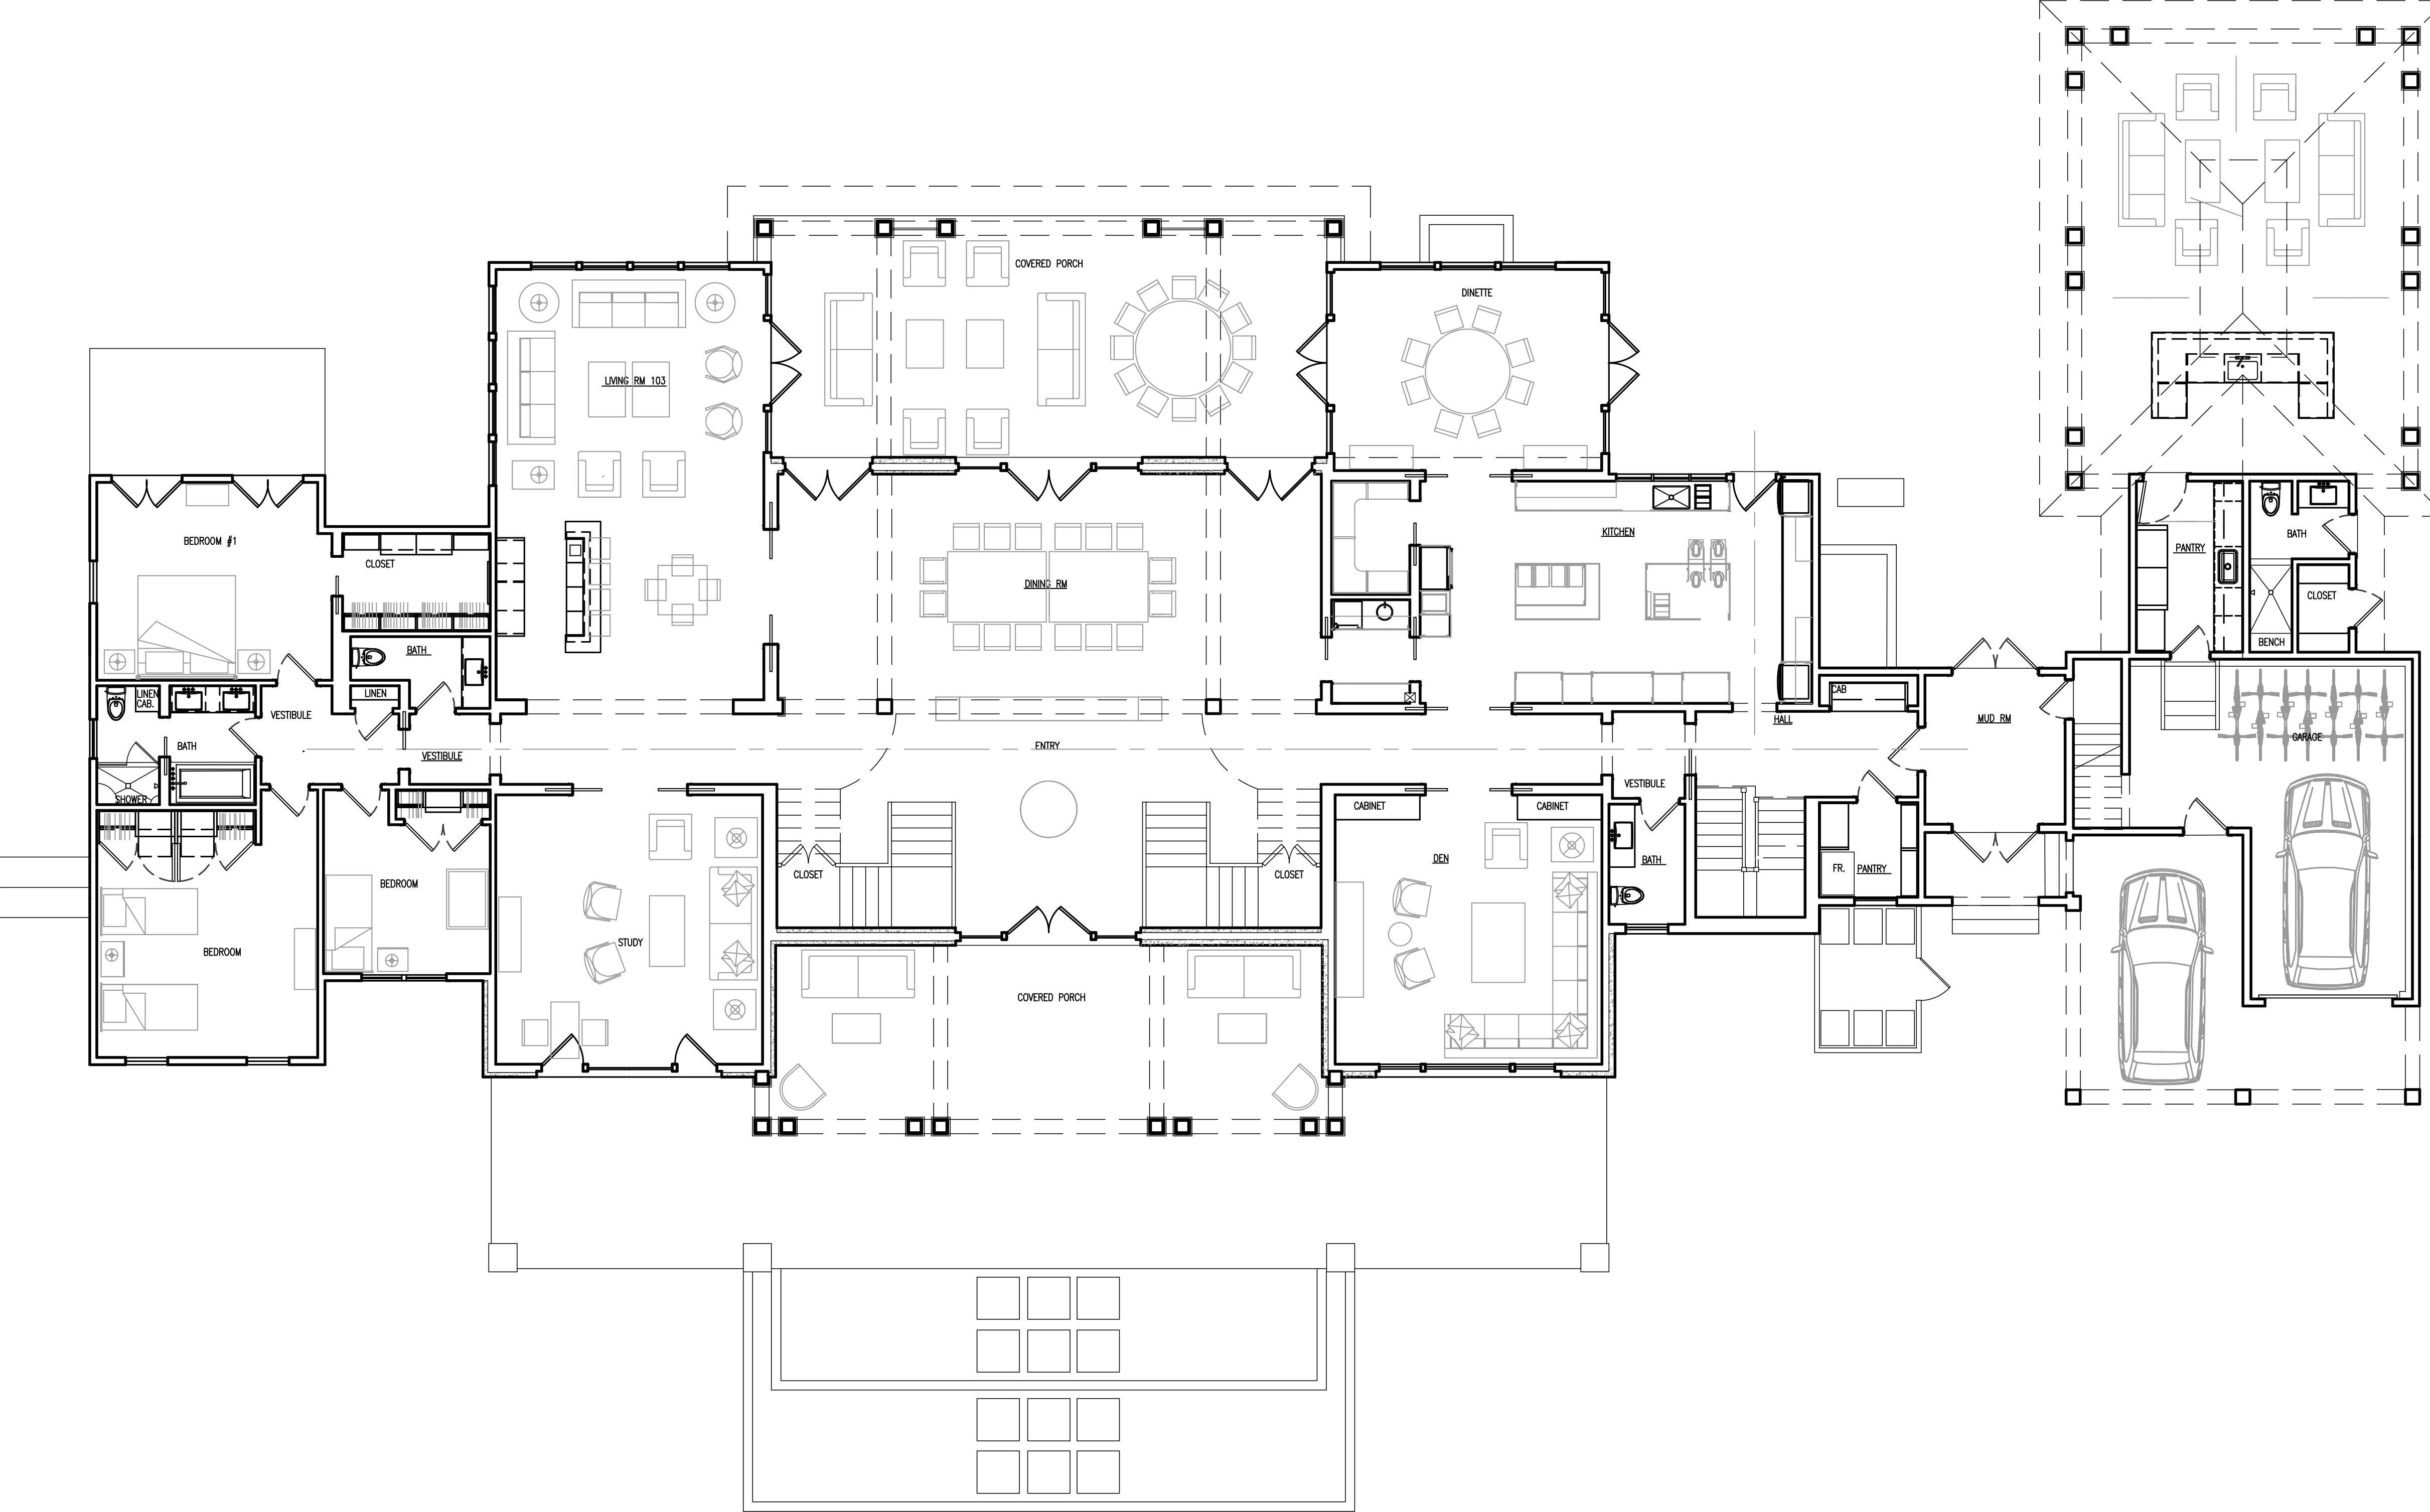 Jersey Shore Hsj Architecture Mansion Floor Plan Courtyard